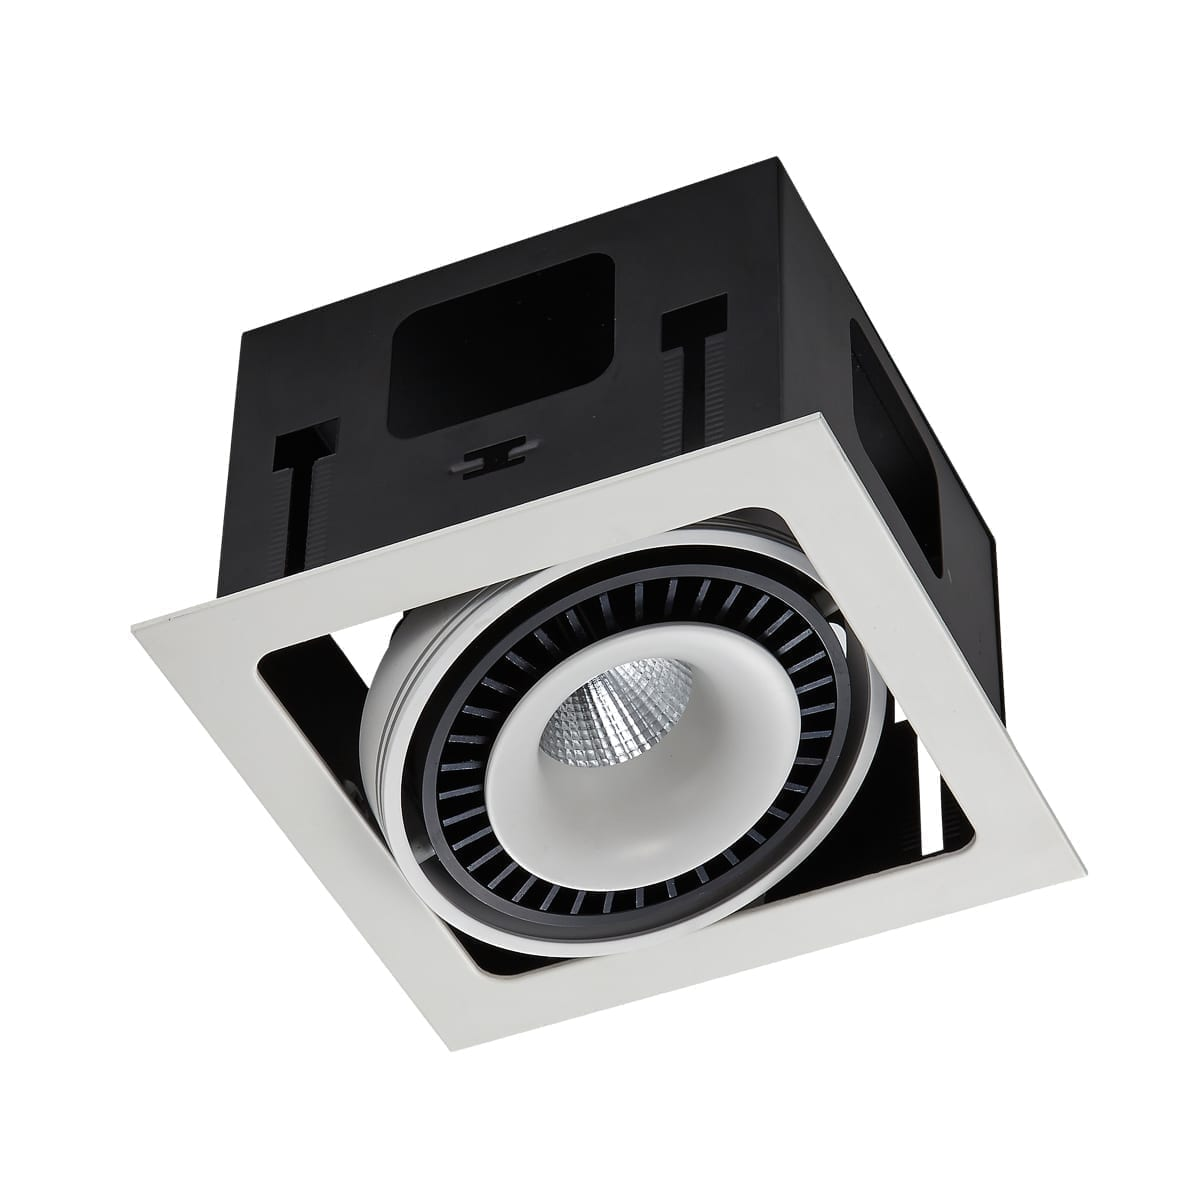 Įmontuojamas kryptinis šviestuvas Alesso 1 - modernaus dizaino baltos spalvos kryptinis įmontuojamas šviestuvas su integruota LED lempute. Šviesos šaltinis gali būti nukreipiamas į norimą padėtį. Maksimali rekomenduojama lemputės galia 18W. Šviesos spalva 3000K, o apšviečiamas plotas yra 7-9m². Šviestuvų kūrėjai pagal vieną dizainą stengėsi sukurti kelis šviestuvų variantus, kad juos derinant vienoje erdvėje susidarytų darnus vaizdas. Neretai įsigijus vieną šviestuvą sunku prie jo pritaikyti kitą šviestuvą, tačiau įmonės Italux atstovai tai apgalvojo. Alesso yra vienos žinomiausių Lenkijos šviestuvų gamintojų įmonės Italux produktas. Šios įmonės gaminami šviestuvai pasižymi inovatyviom idėjom, išskirtiniu dizainu bei pačia aukščiausia kokybe. Spalvų deriniai atrinkti taip, jog šviestuvą būtų galimą pritaikyti prie bet kokio interjero dizaino.